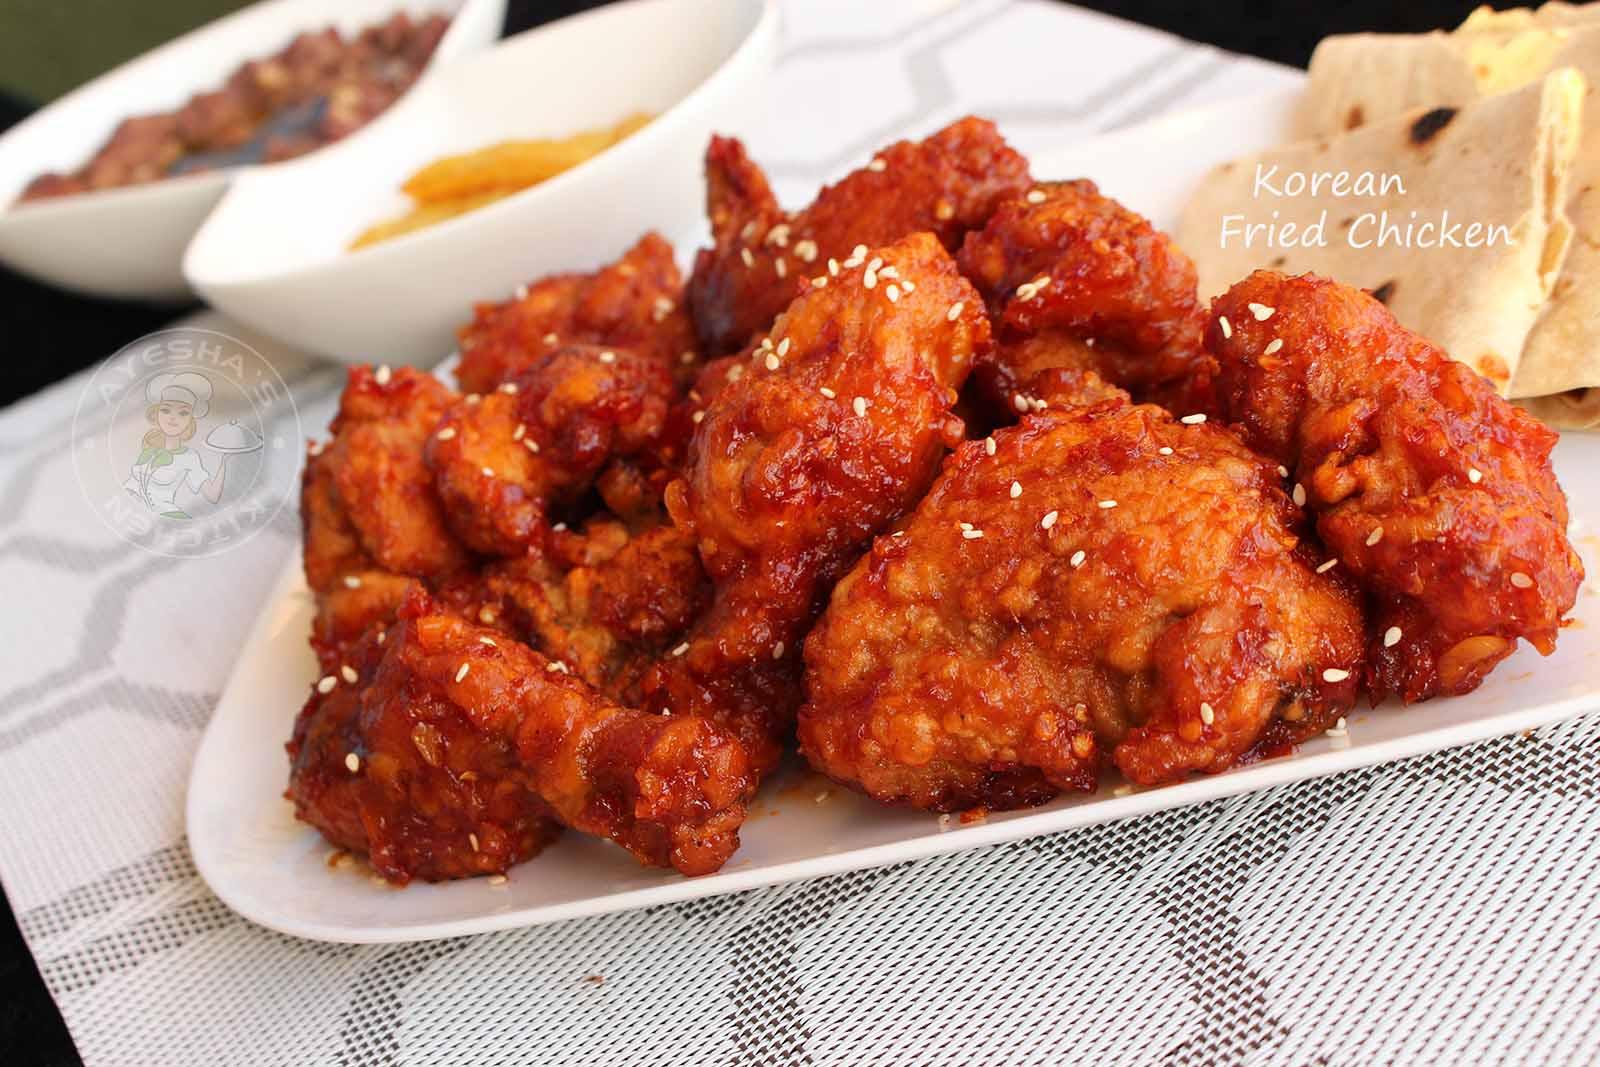 BEST FRIED CHICKEN RECIPE - KOREAN FRIED CHICKEN